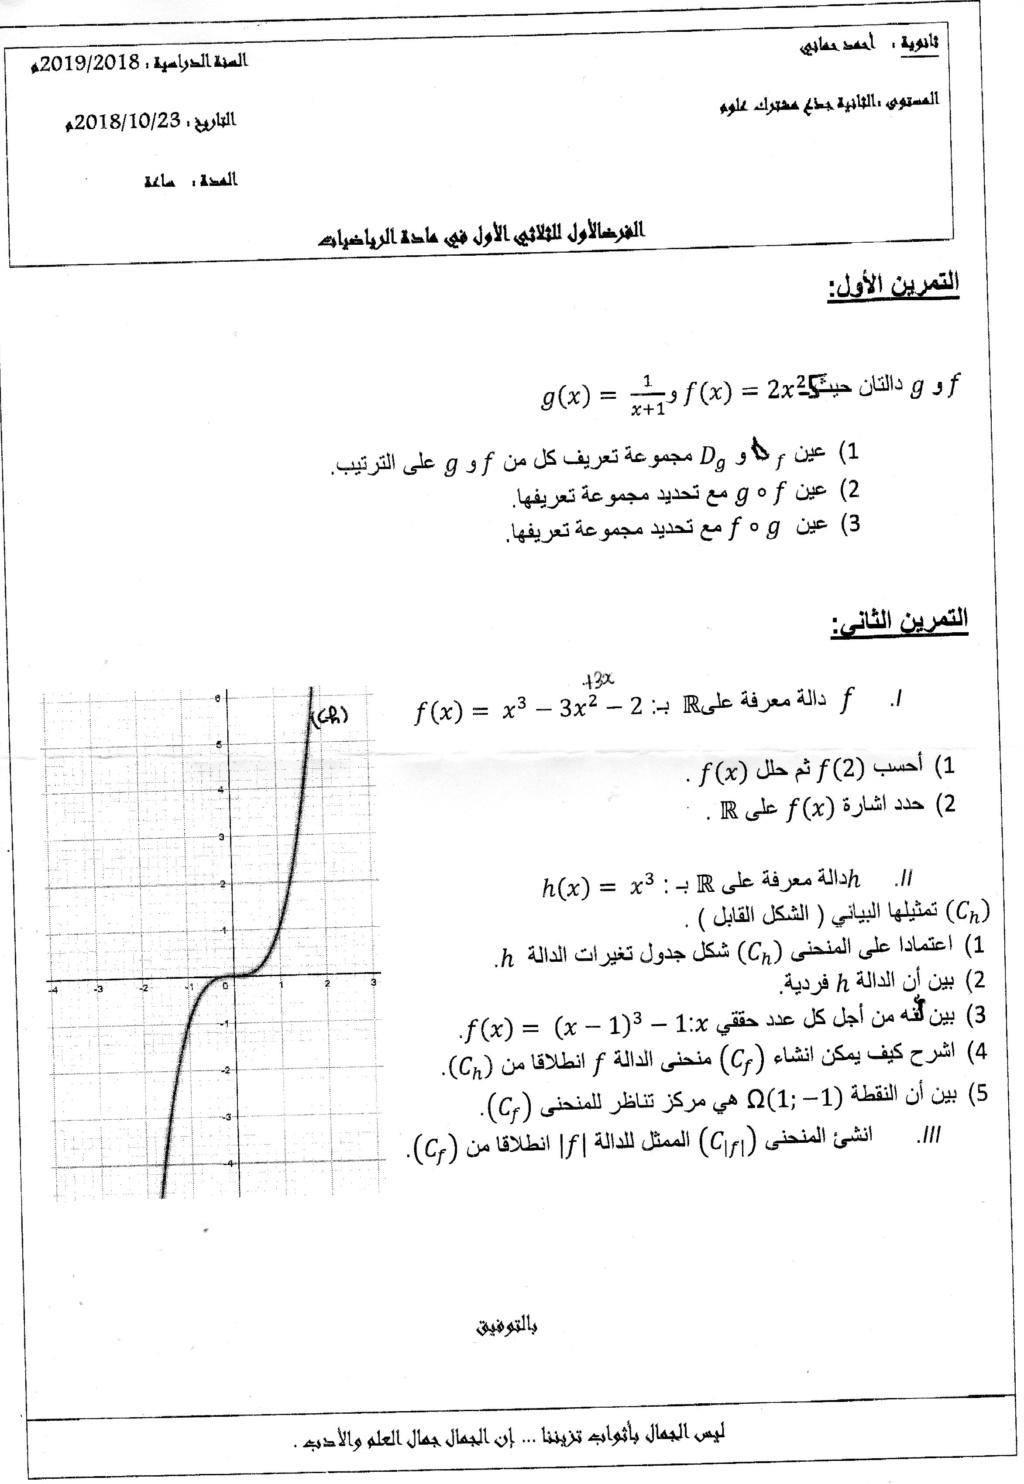 الفرض الاول للفصل الول رياضيات علوم تجريبية Img00111